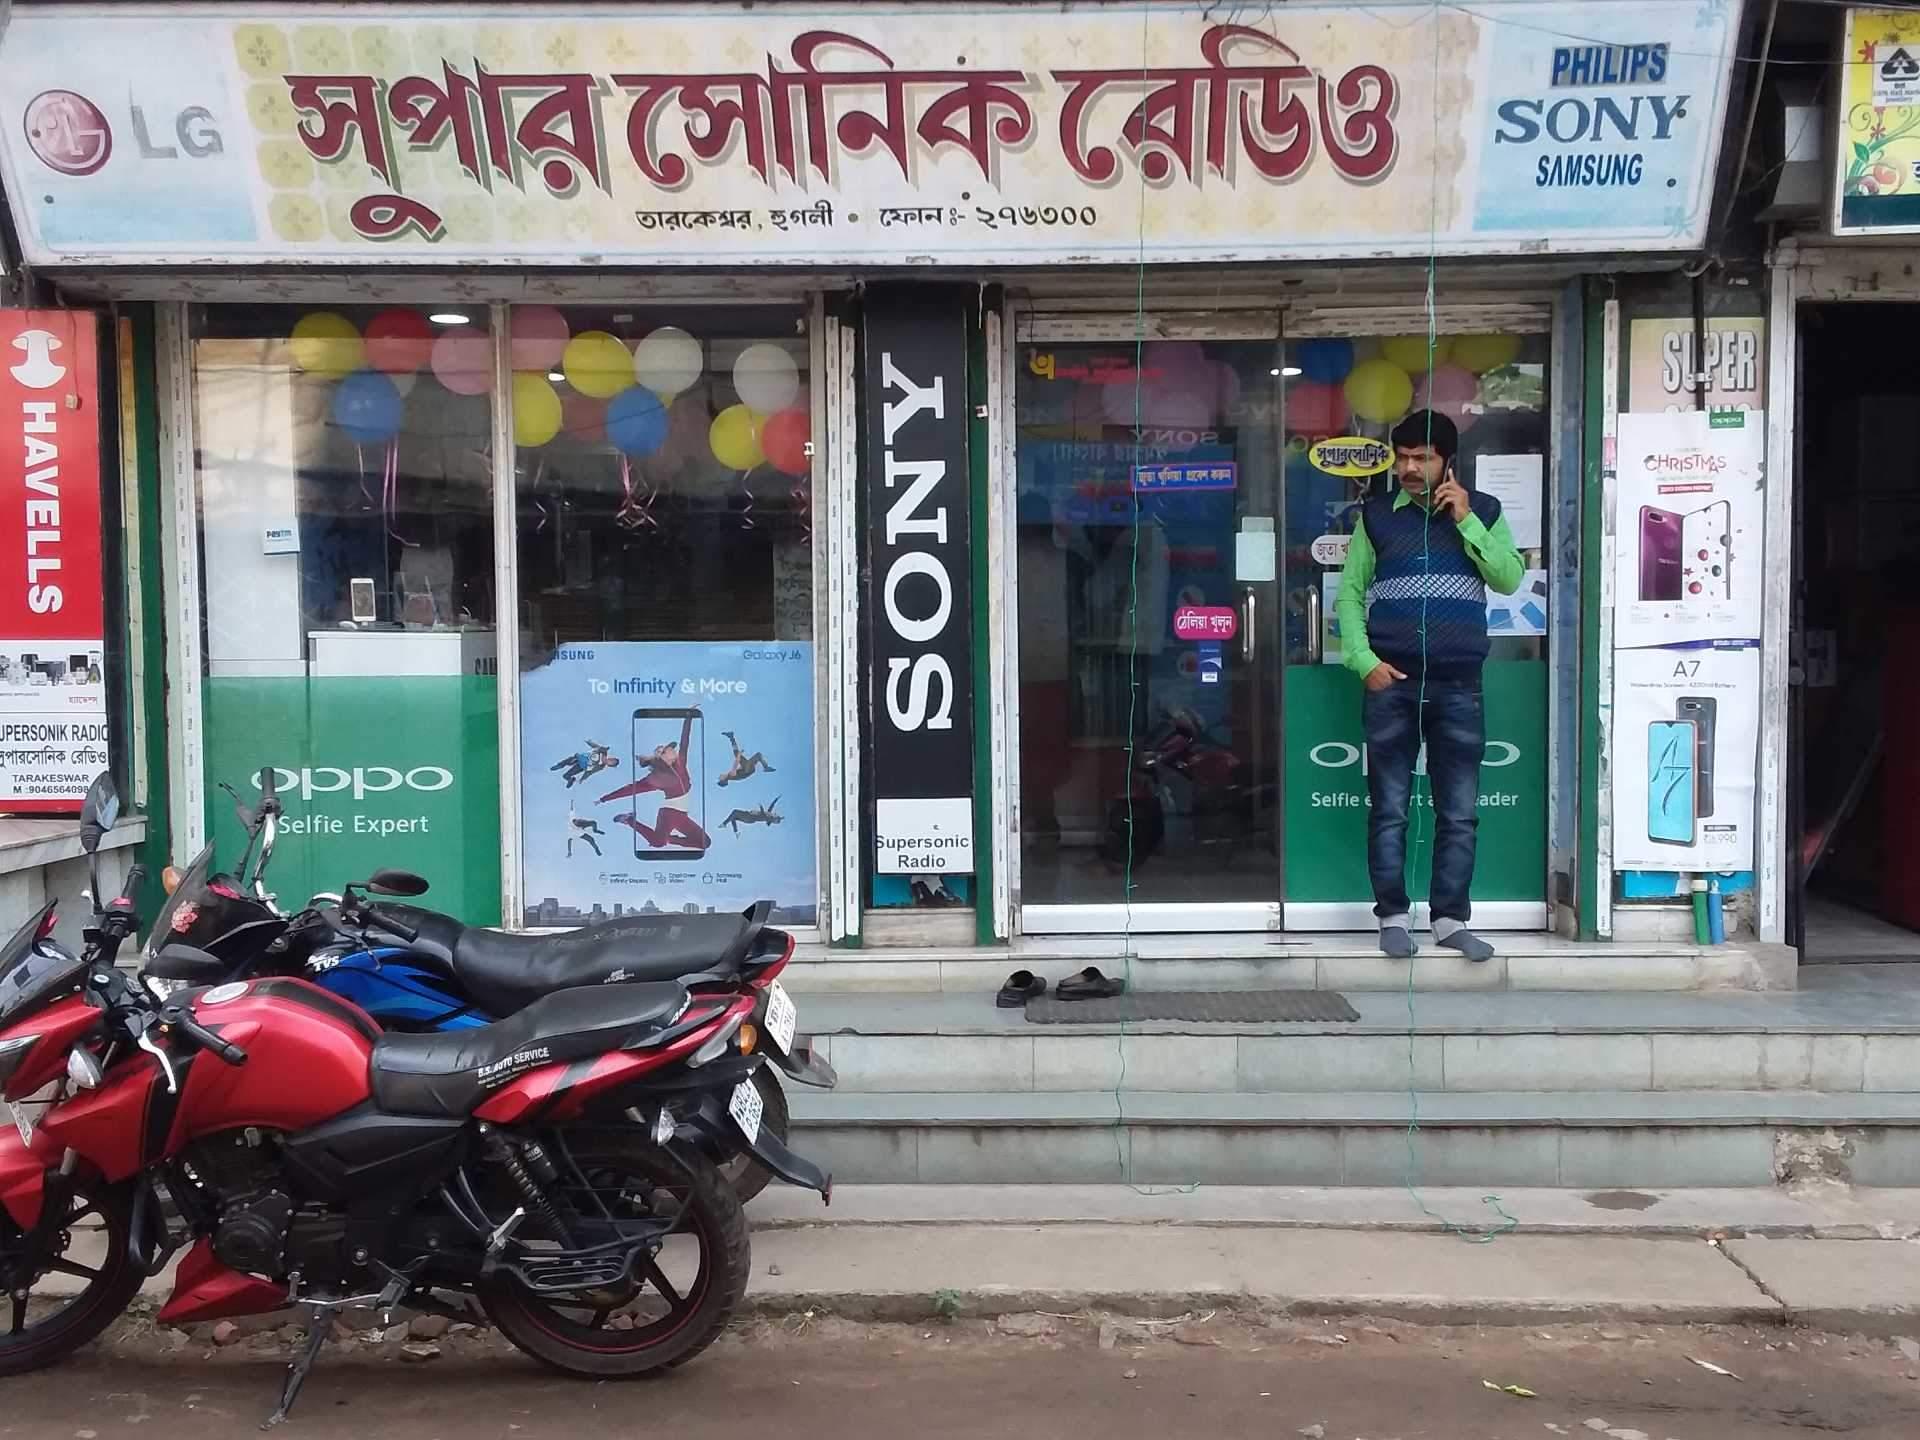 Top Videocon D2h Set Top Box Dealers in Hooghly - Best